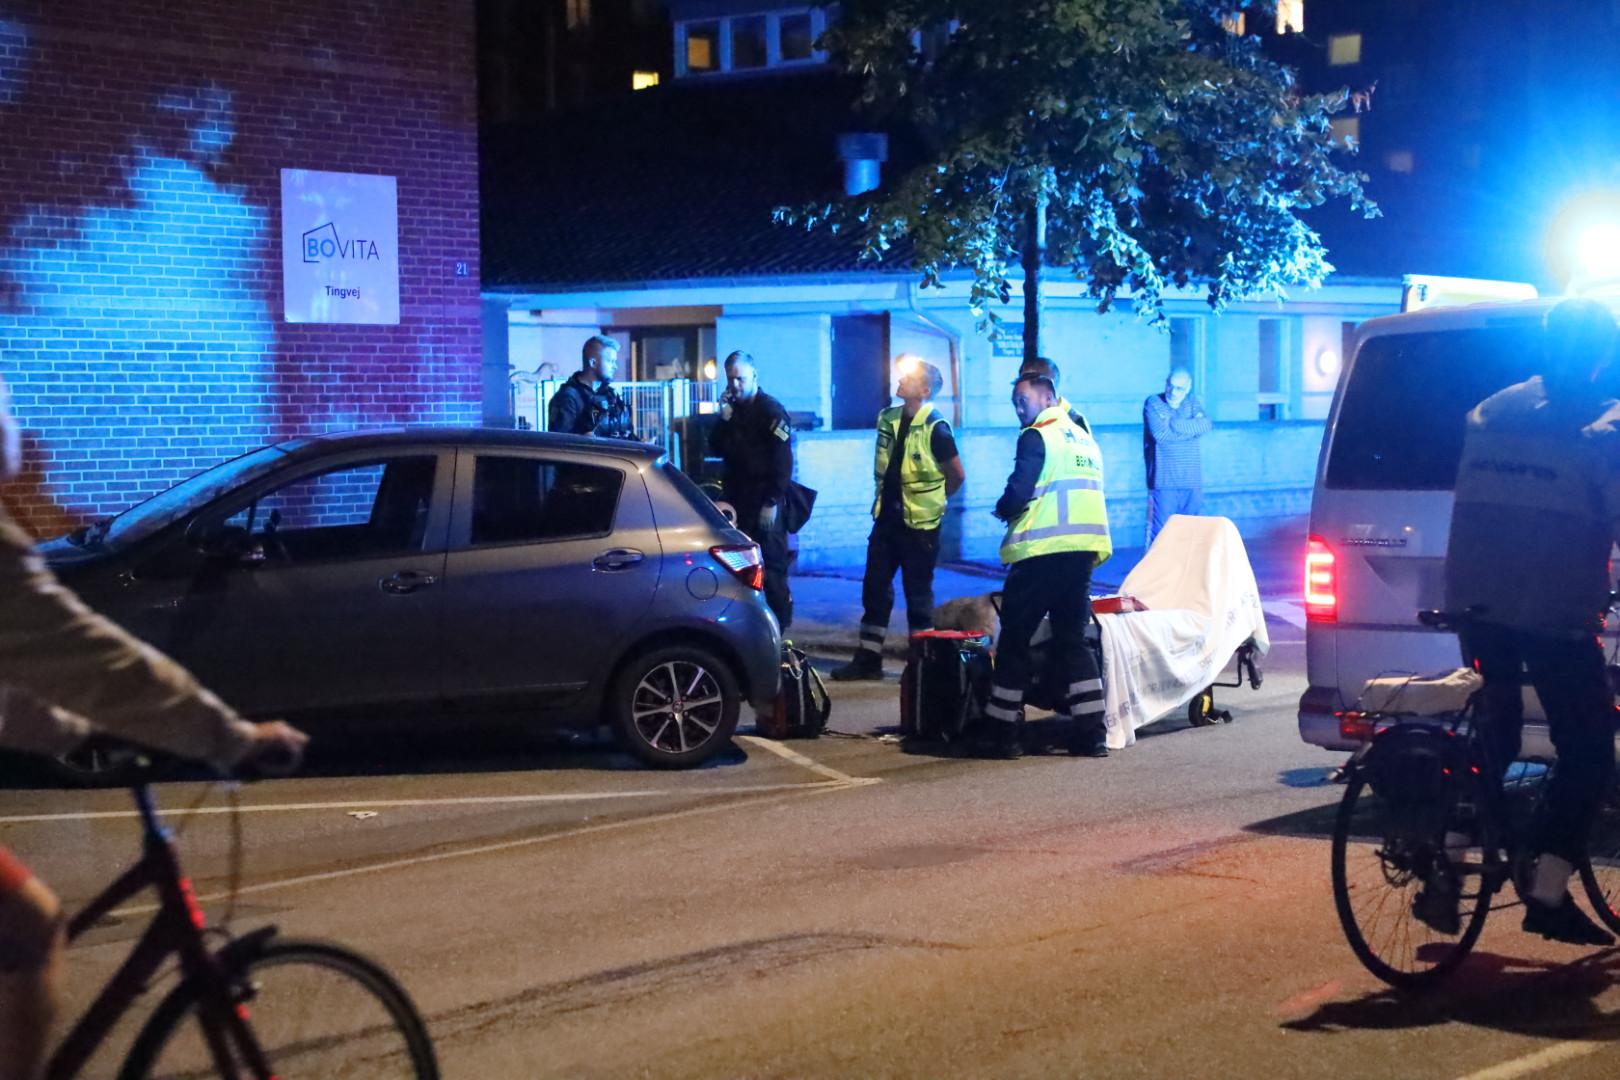 Muligt knivstikkeri på Amager - ambulance på stedet